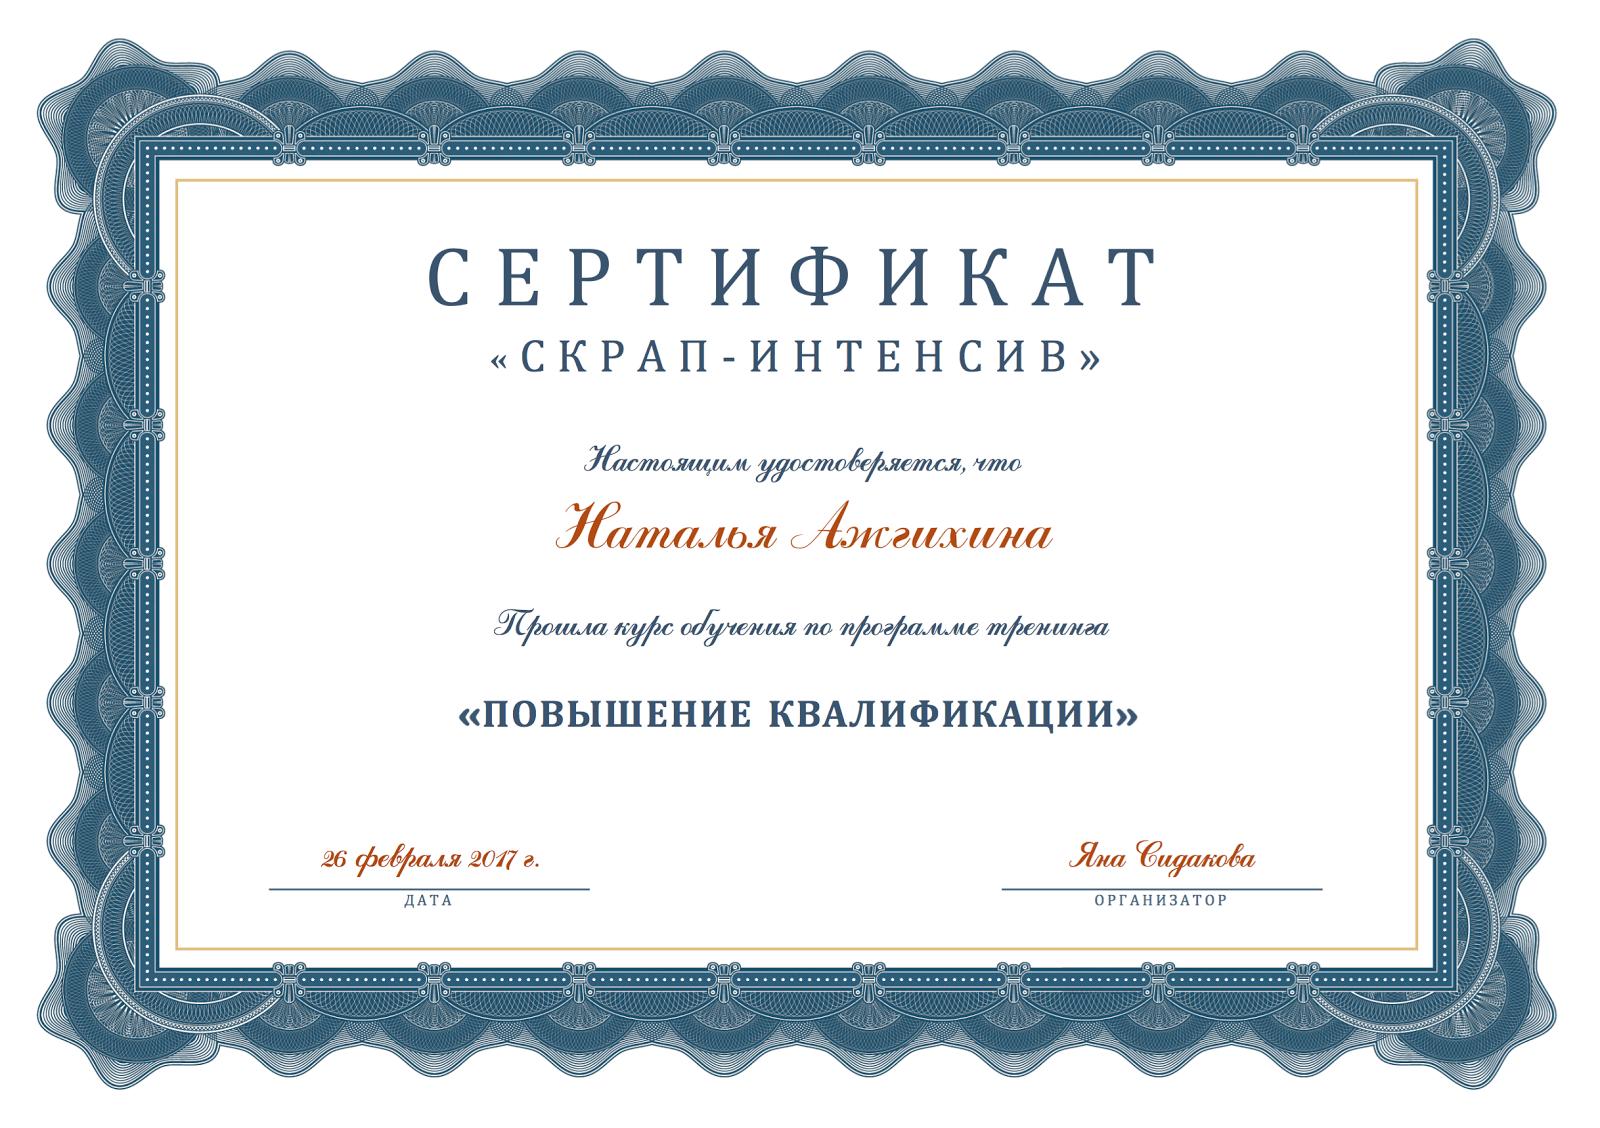 Сертификат тренинга ПК